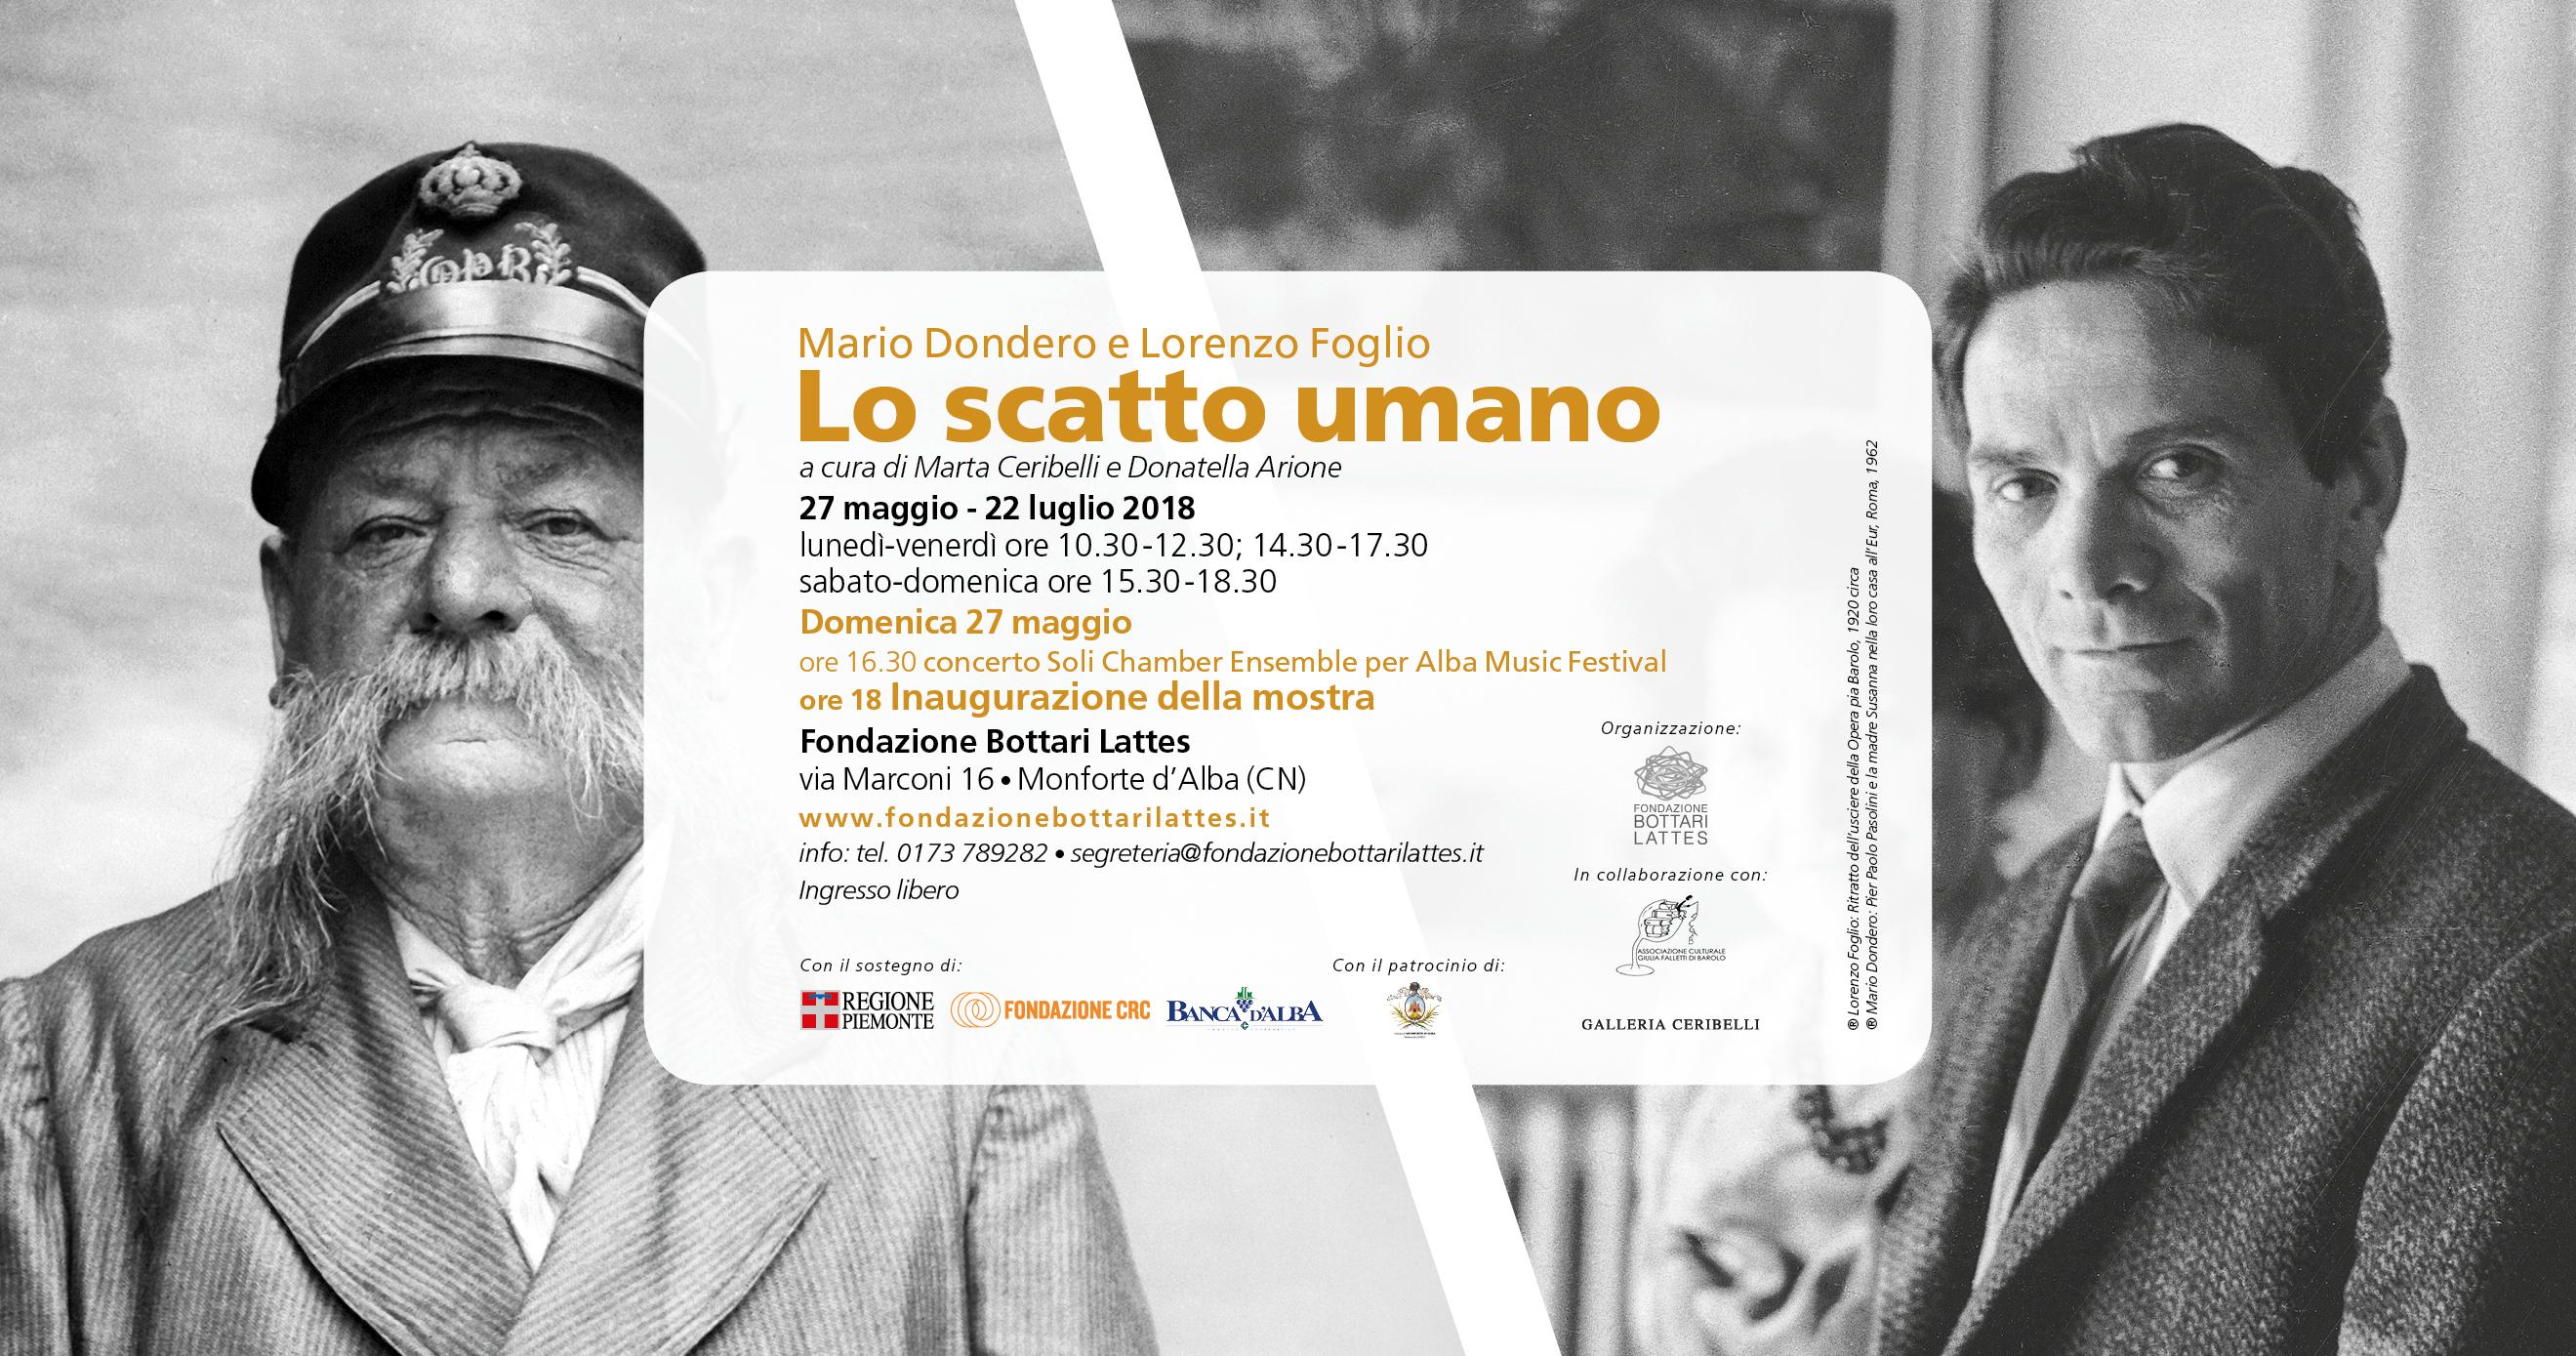 Mario Dondero e Lorenzo Foglio - Lo scatto umano